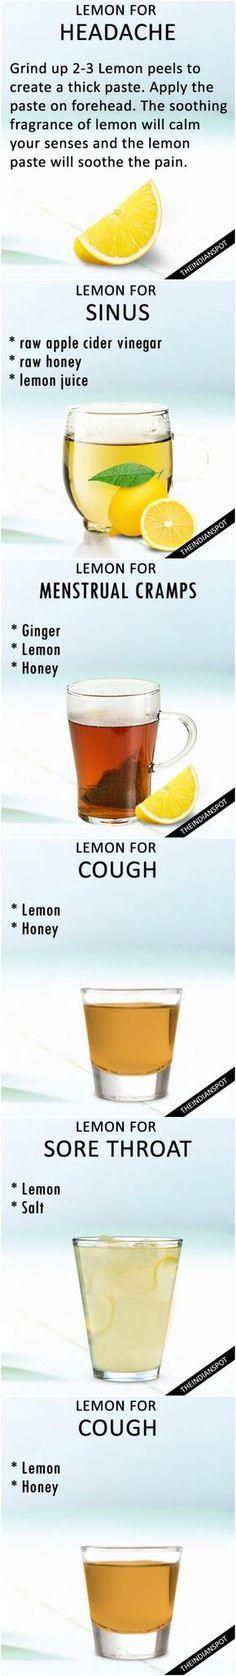 Lemon remedies